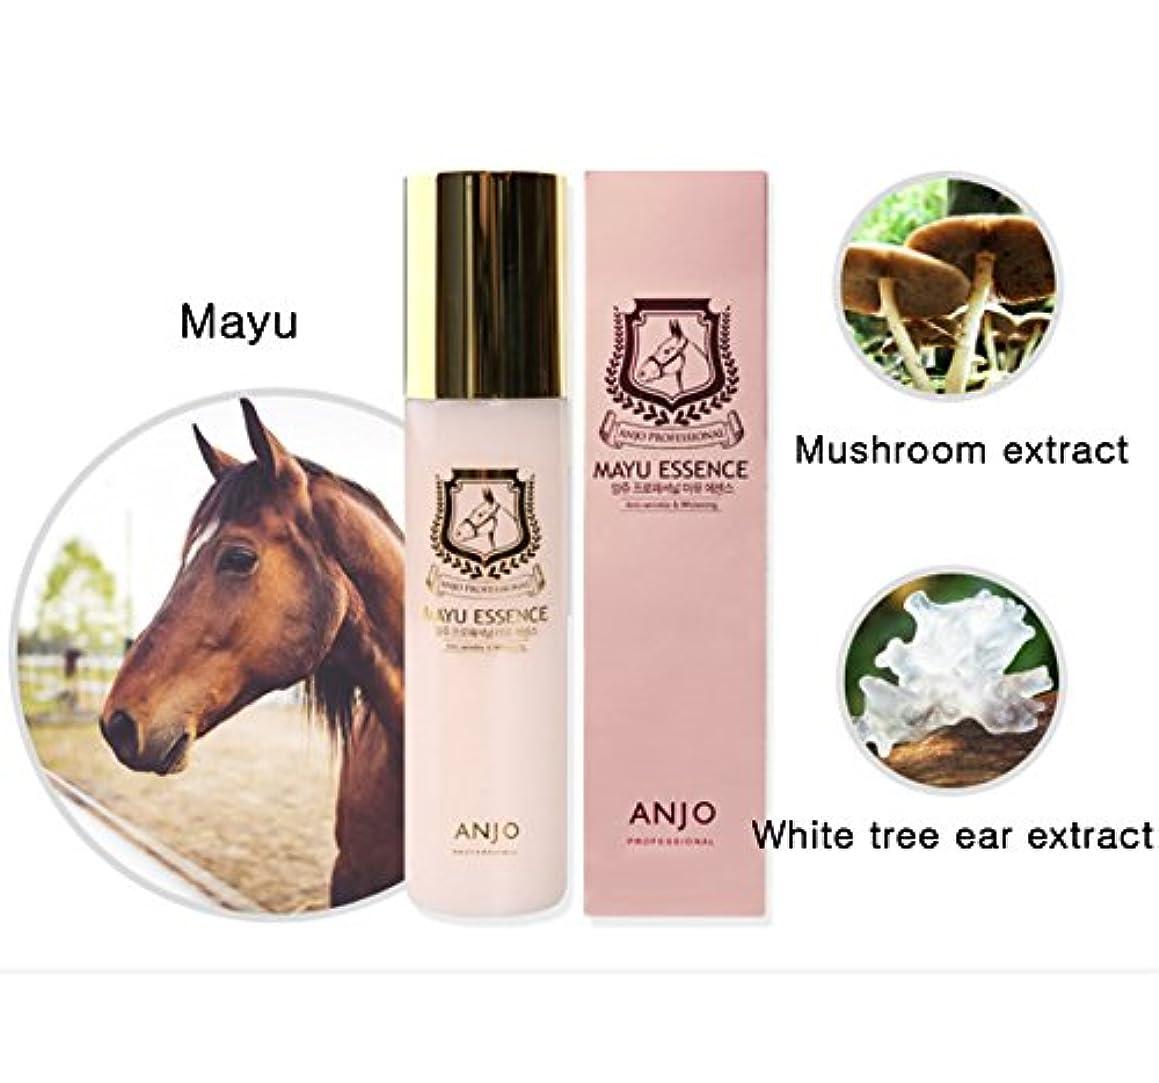 ハックリング意図[ANJO] 済州ホースオイルエッセンス150ml /ホワイトニング、保湿、スキンケア / Jeju Horse Oil Essence 150ml / Whitening, Moisturizing, Skin improvement...